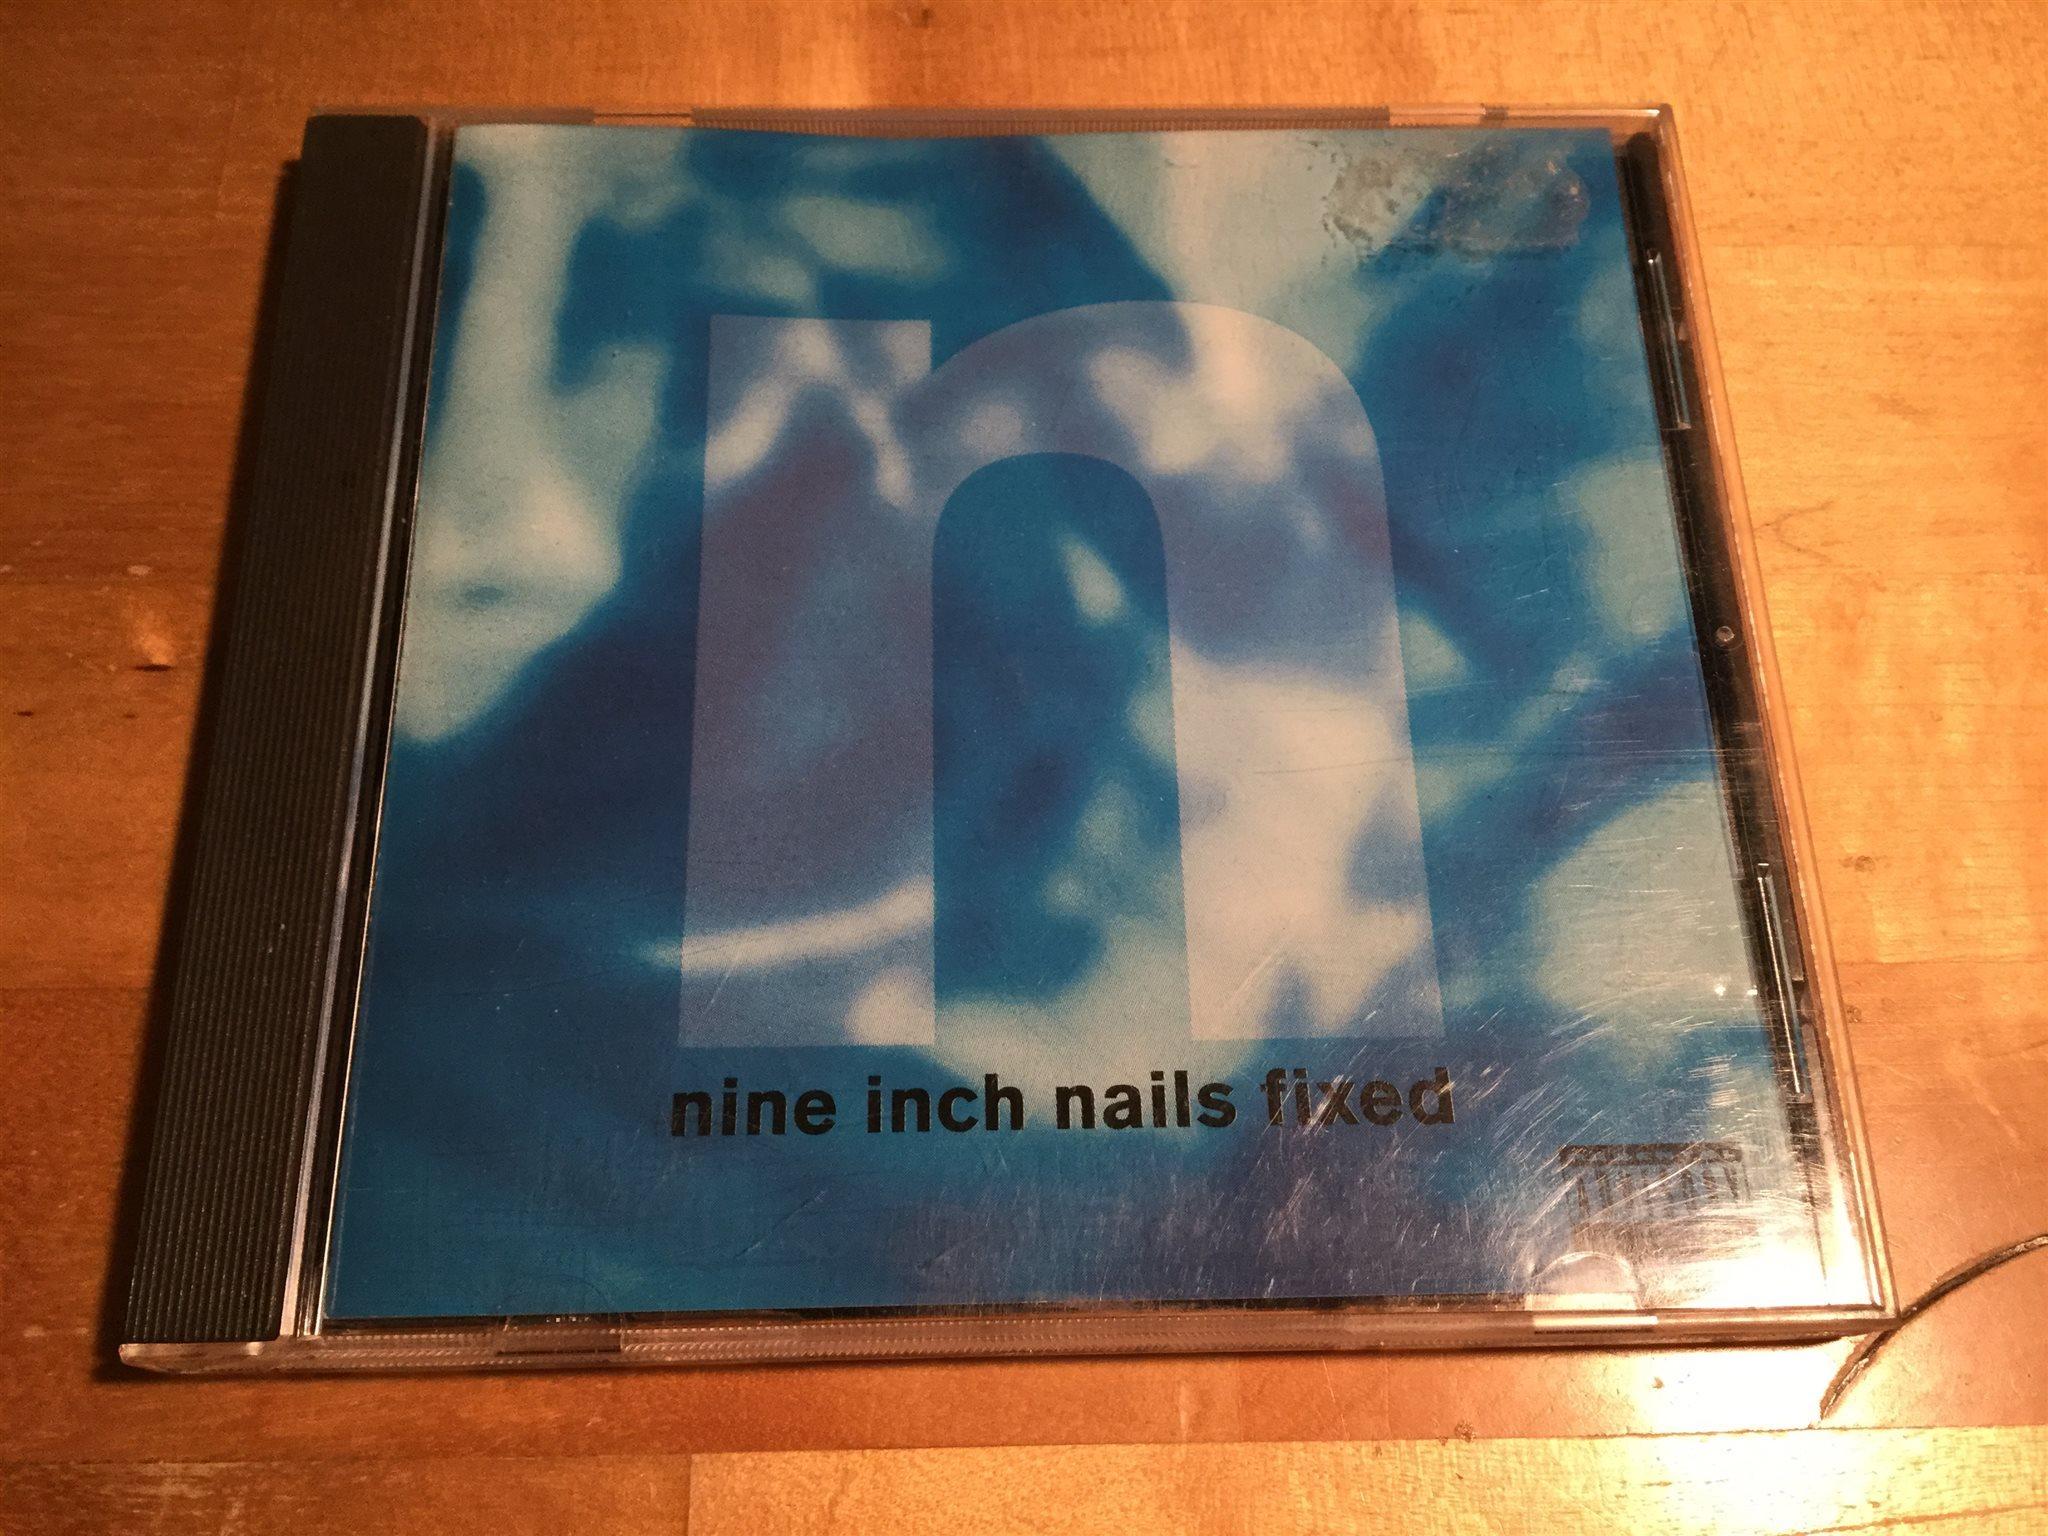 Nine Inch Nails - Fixed på Tradera.com - Från M till O, Metal, CD |